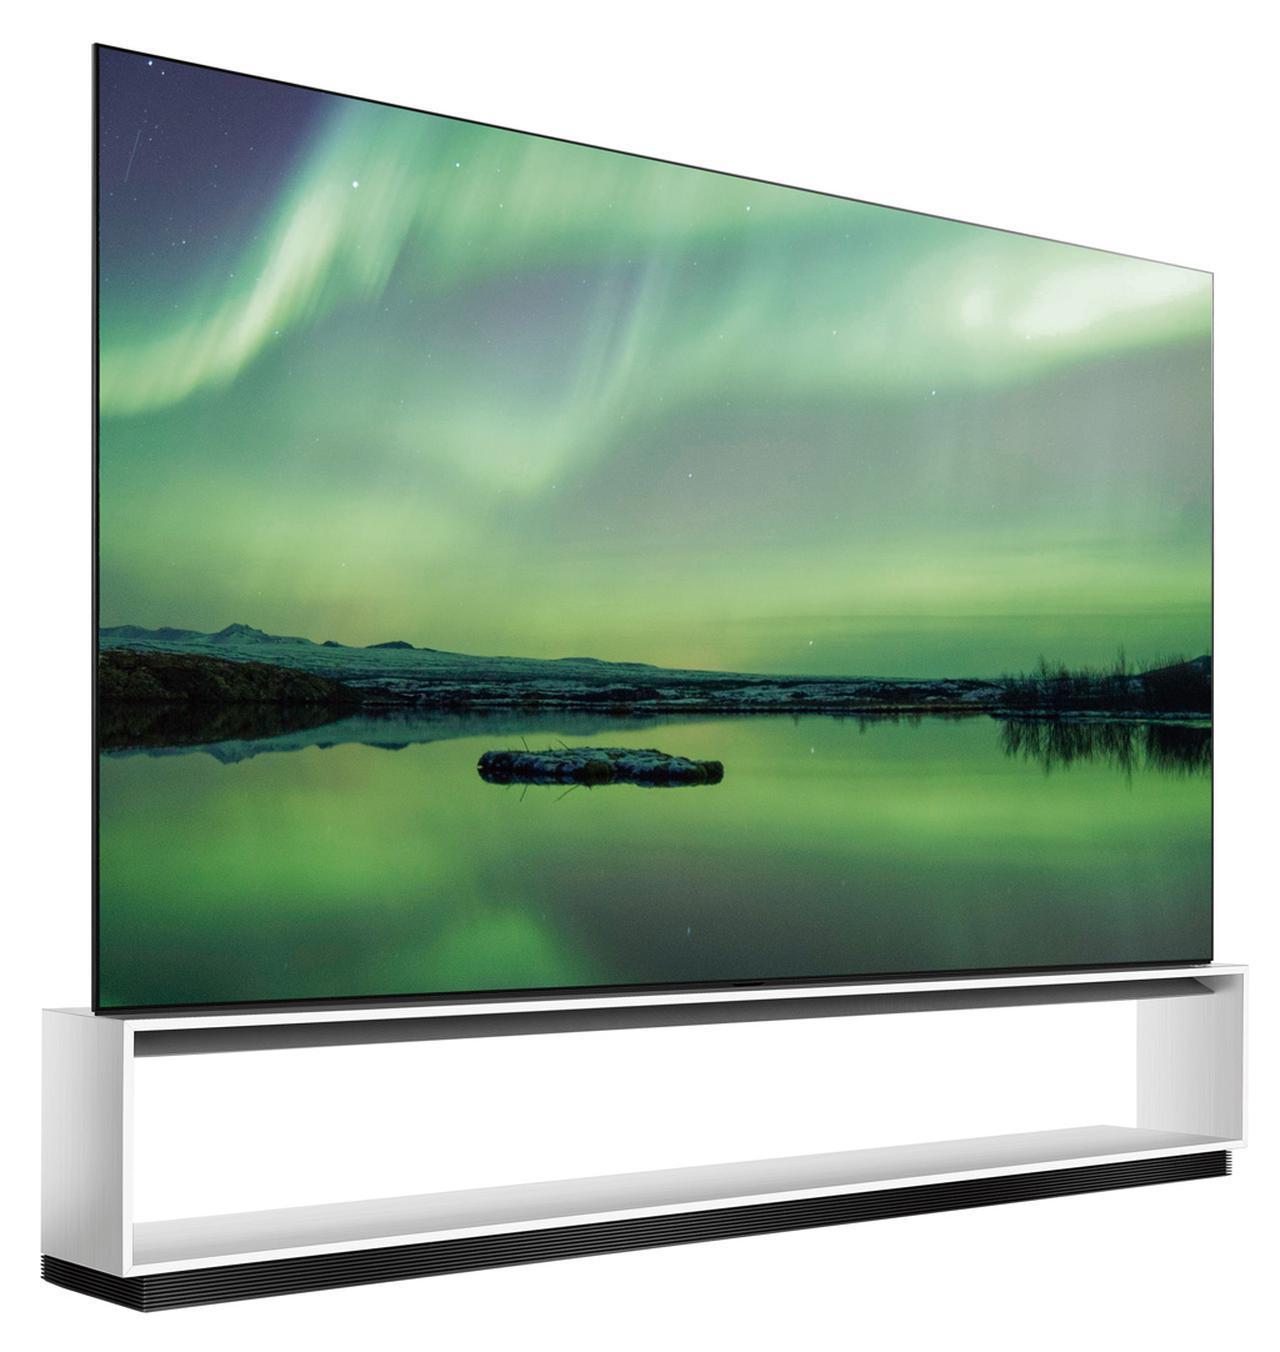 画像: メーカー別最新4K/8Kテレビラインナップ①『LG』。初の8Kから、4Kモデルまで全11機種!有機ELの盟主らしい豊富な製品群だ - Stereo Sound ONLINE